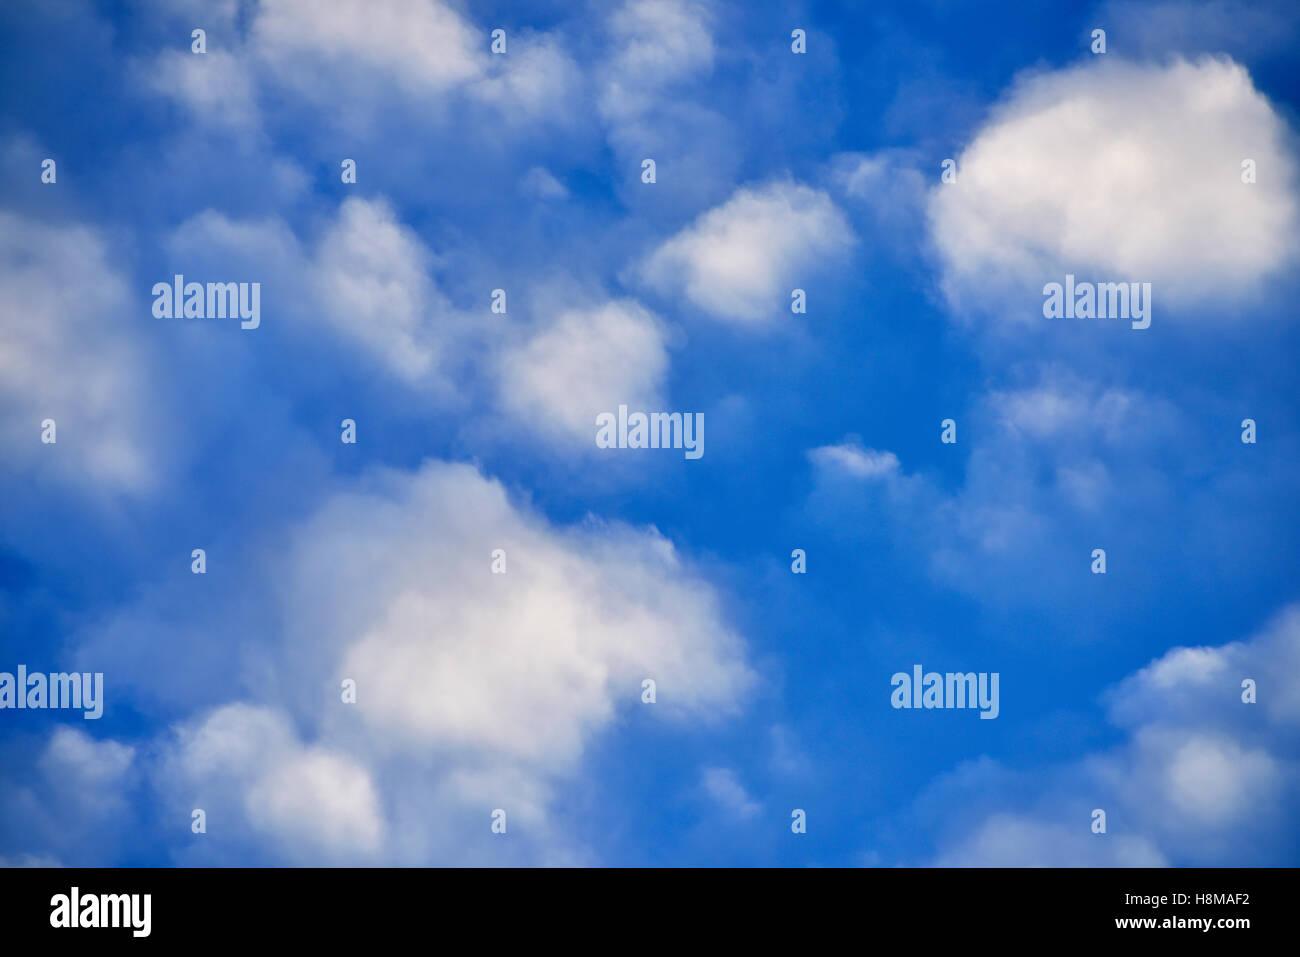 Wetter Phänomen Schäfchenwolken (Cirrocumulus) in den Himmel Stockbild